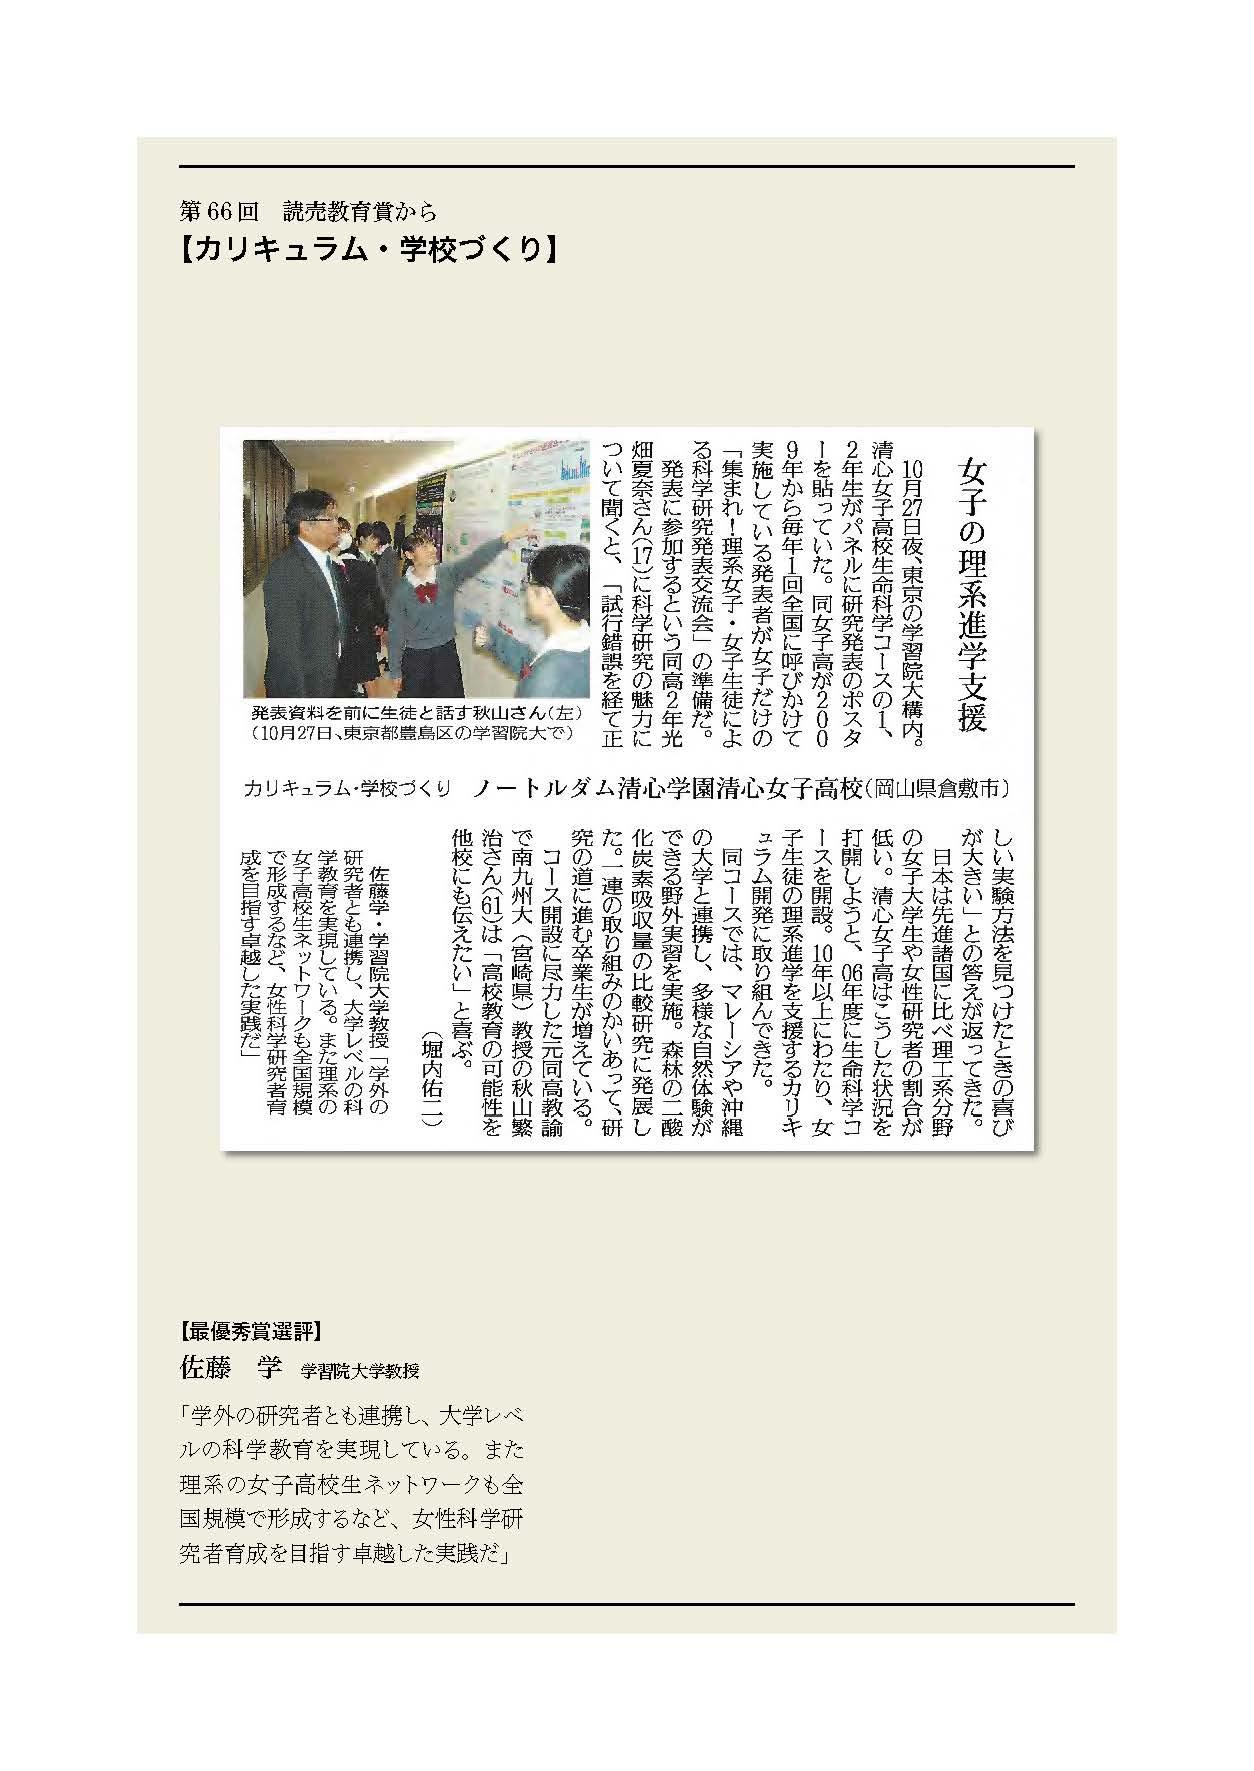 論文「科学課題研究」を中心に据えた女子の理系進学支援教育プログラムの開発(2)背景